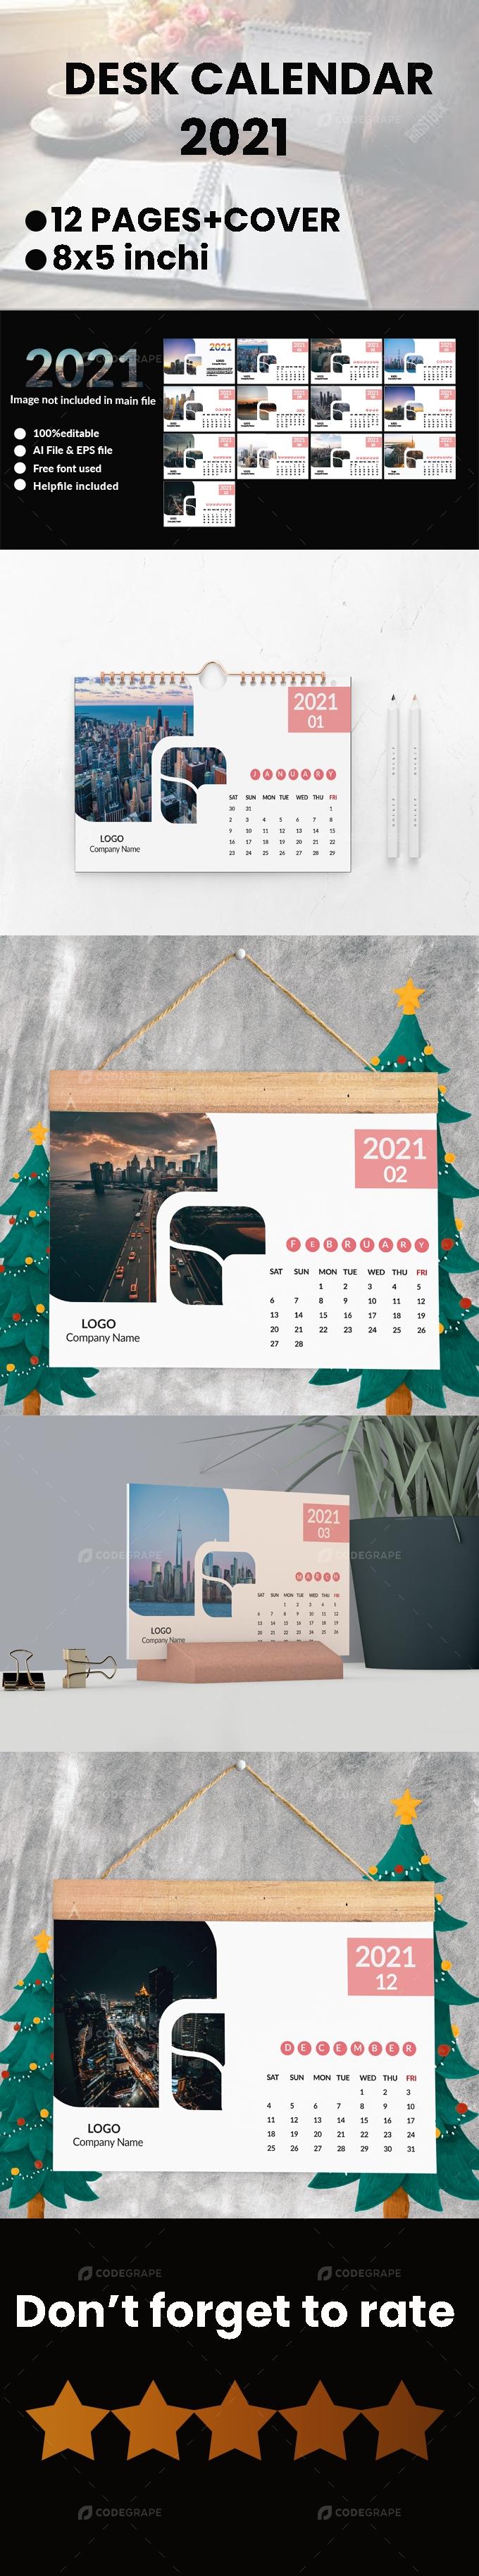 Stylish Desk Calendar